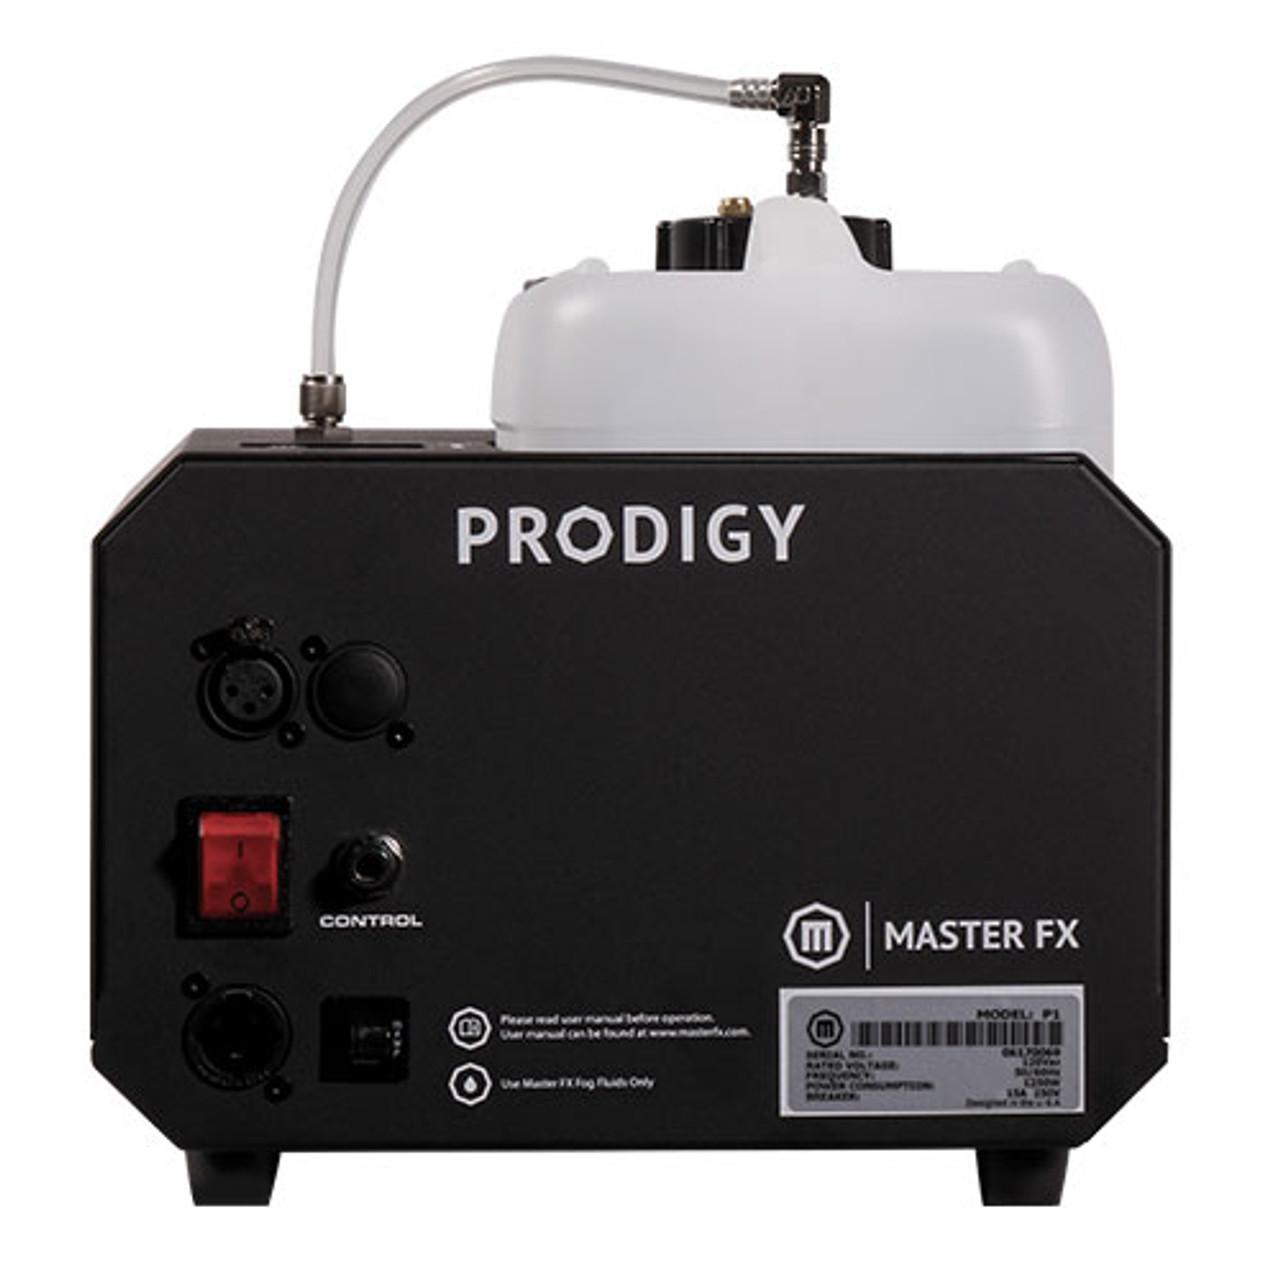 Master FX Prodigy Fog Machine (MFX-P1)